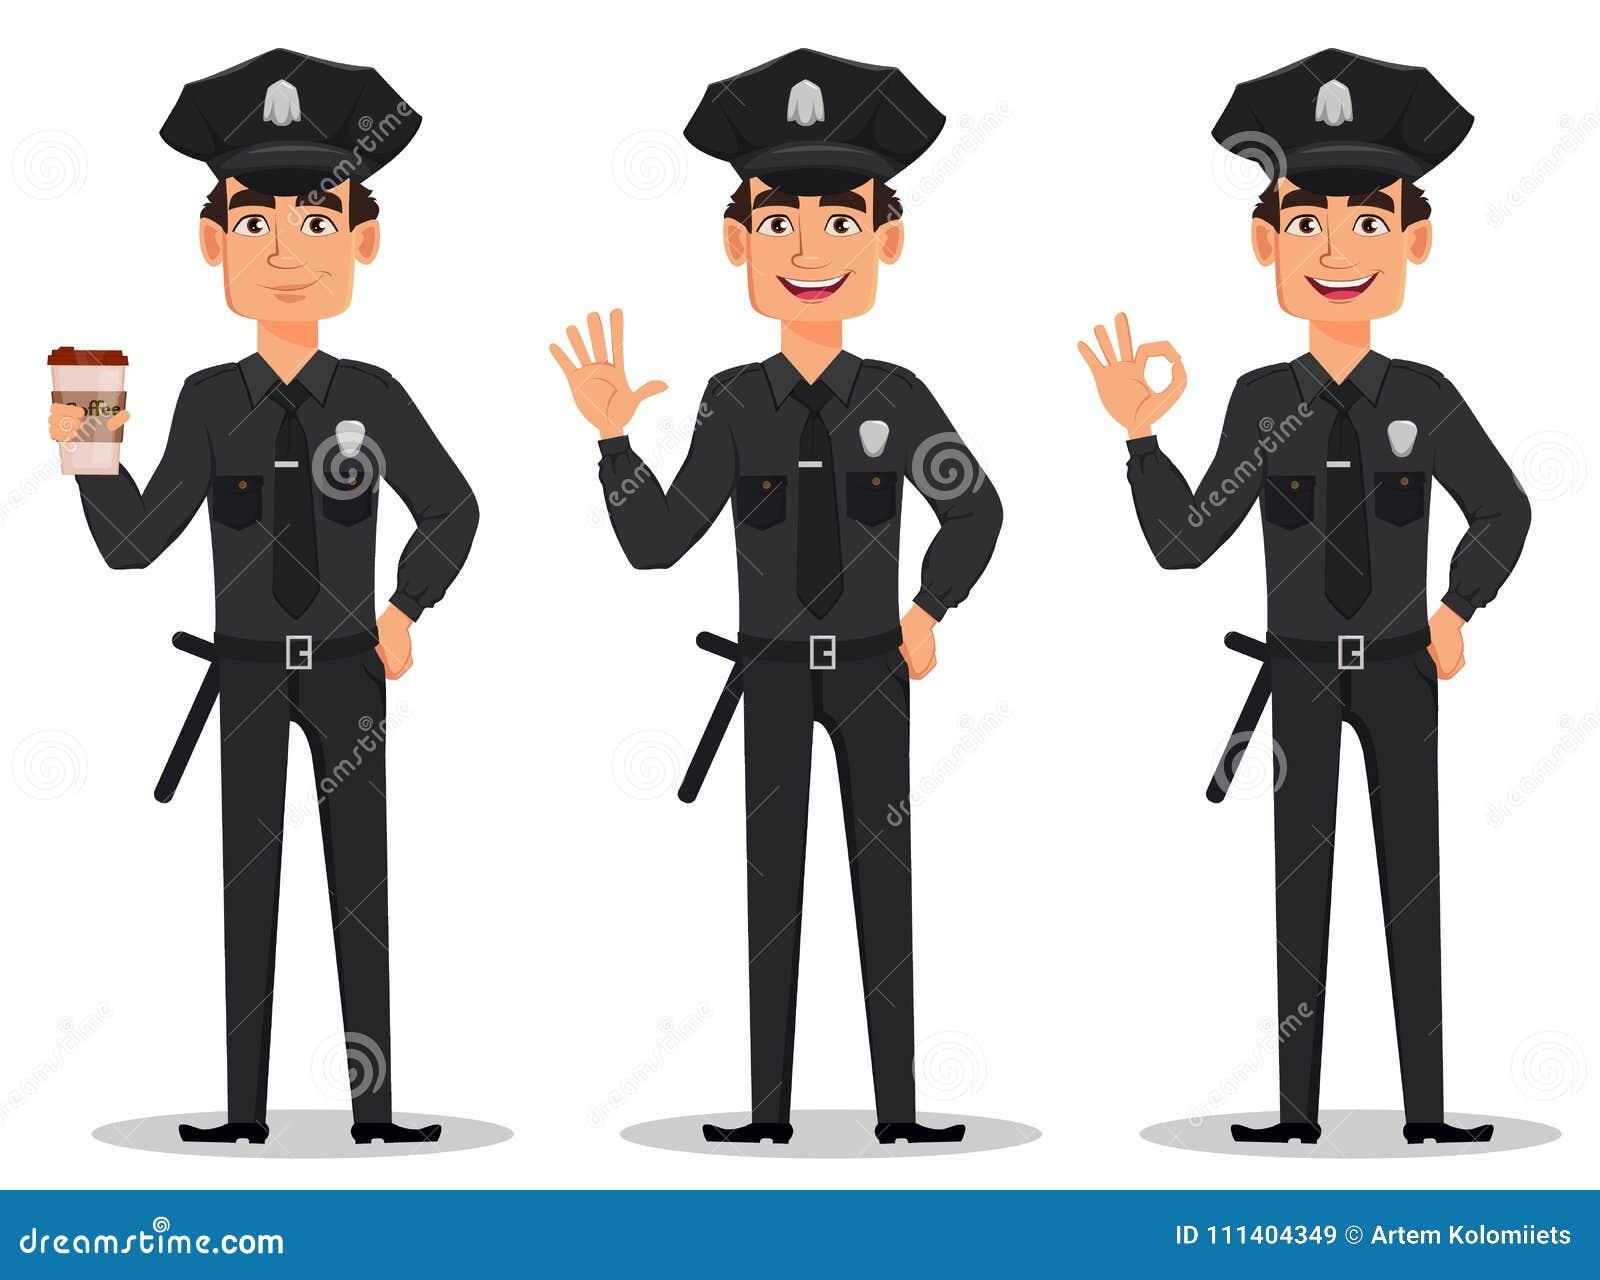 Αστυνομικός, αστυνομικός Σύνολο σπόλας χαρακτήρα κινουμένων σχεδίων με ένα φλιτζάνι του καφέ, ένα κυματίζοντας χέρι και την παρου